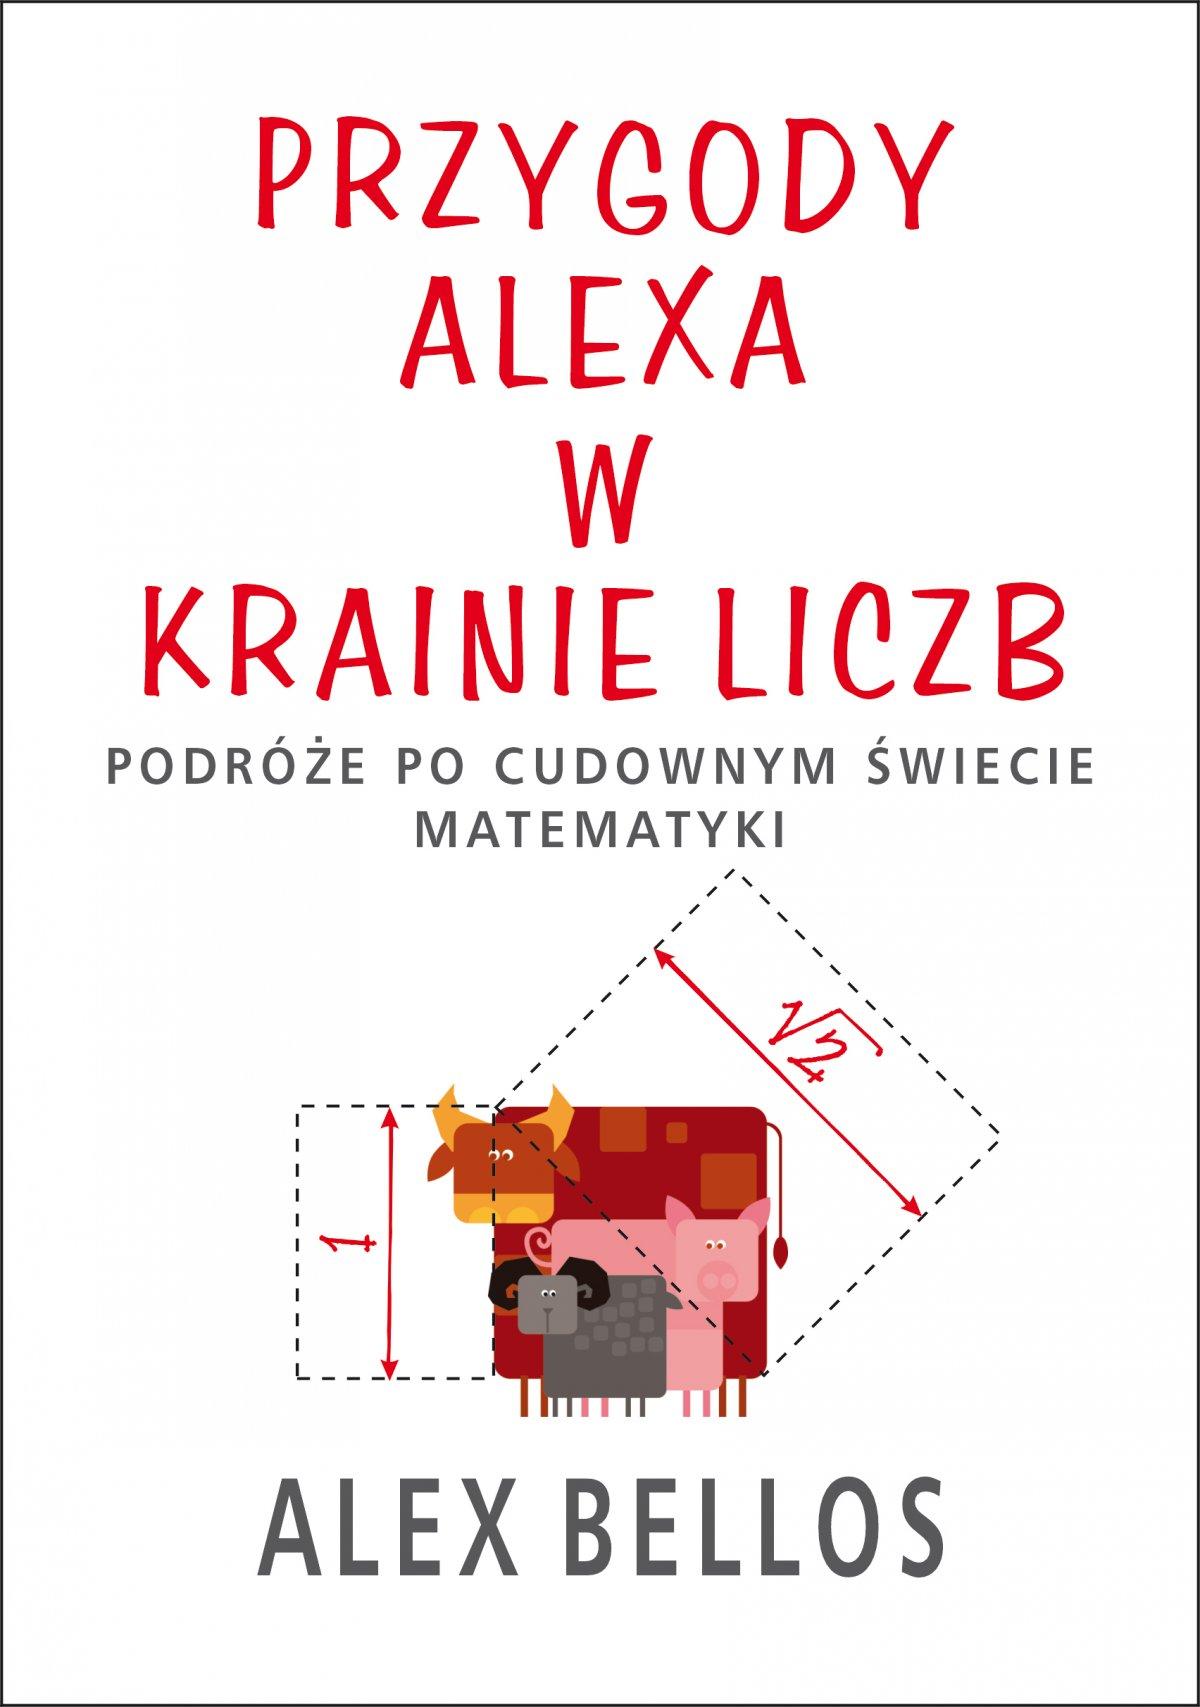 Przygody Alexa w Krainie Liczb - Ebook (Książka na Kindle) do pobrania w formacie MOBI